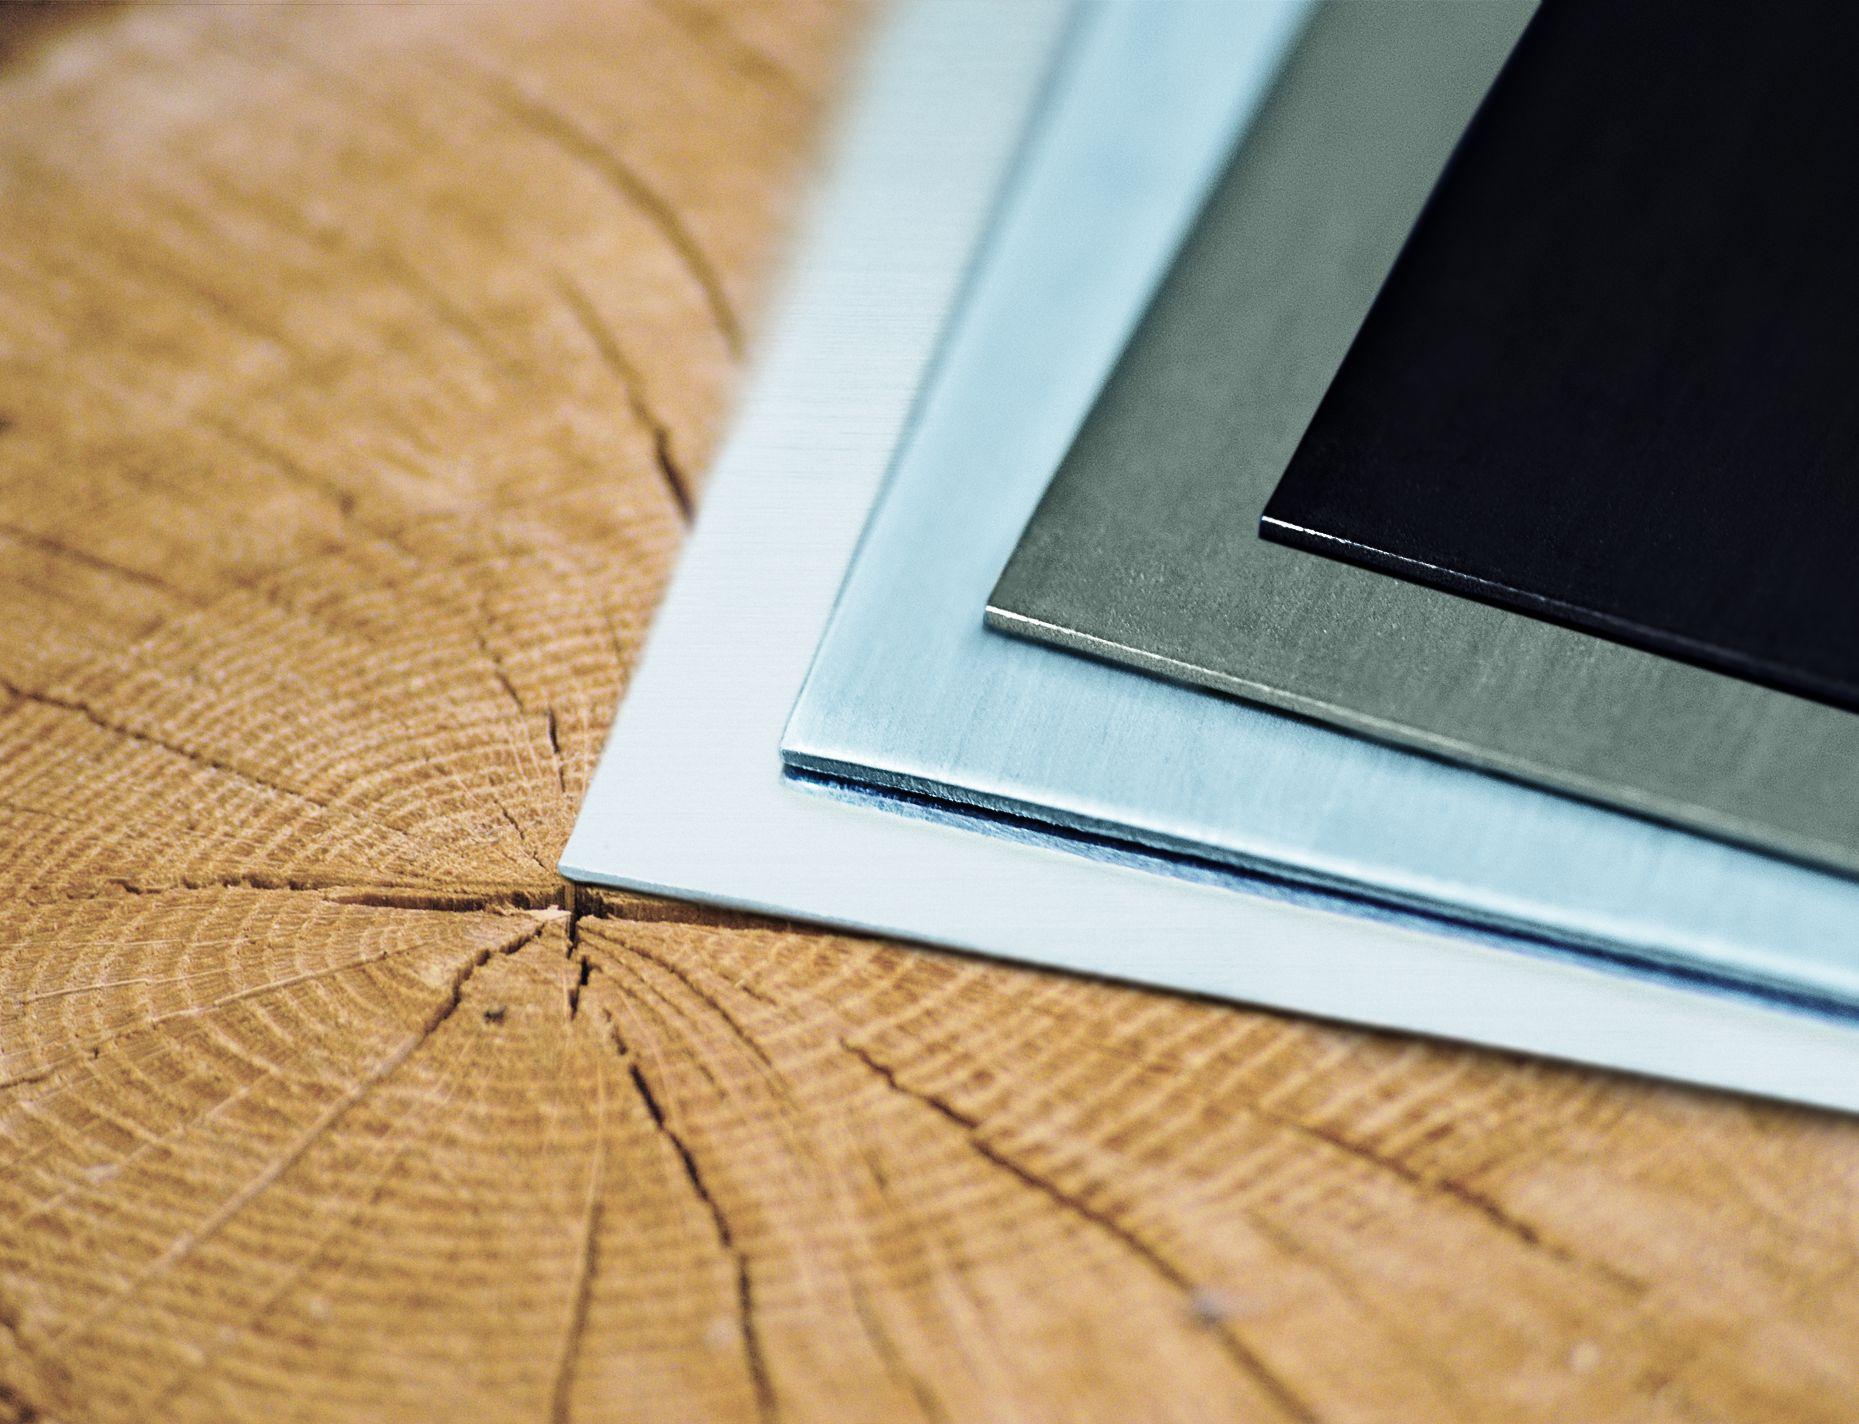 Oberflächenvarianten prePATINA, CLASSIC und artCOLOR